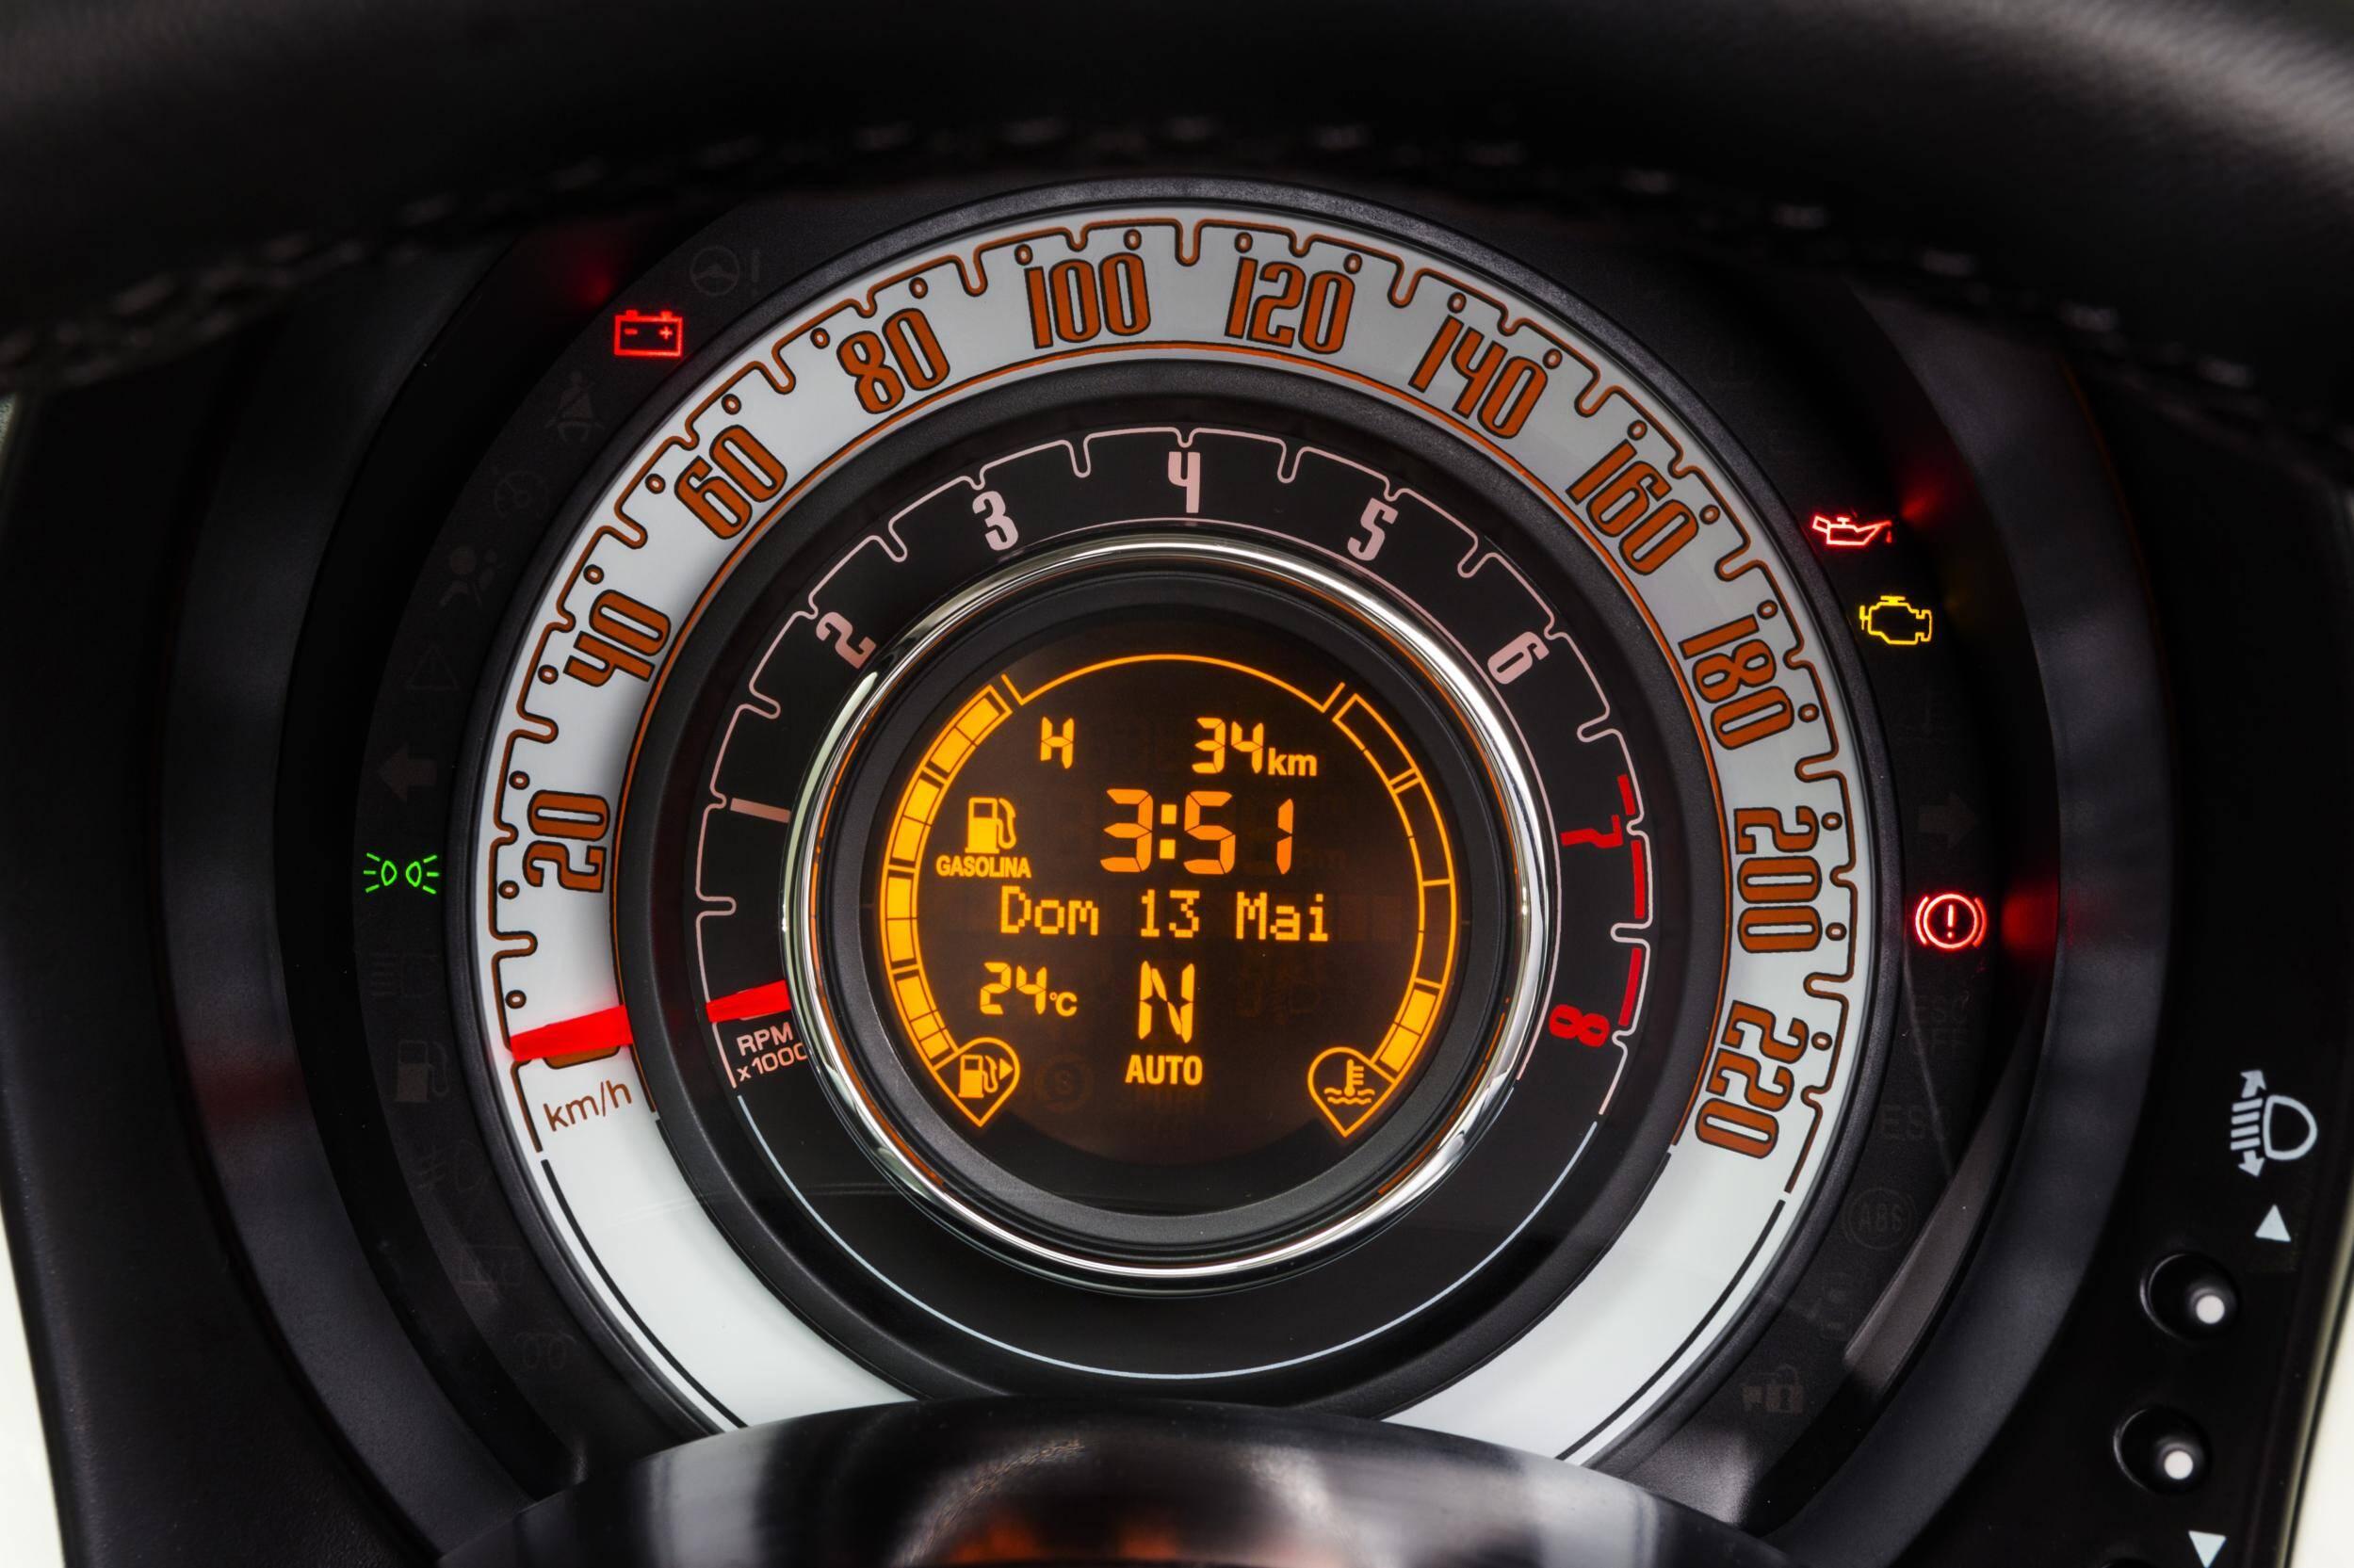 Fiat 500 Cabrio 1.4 Flex. Foto: Divulgação